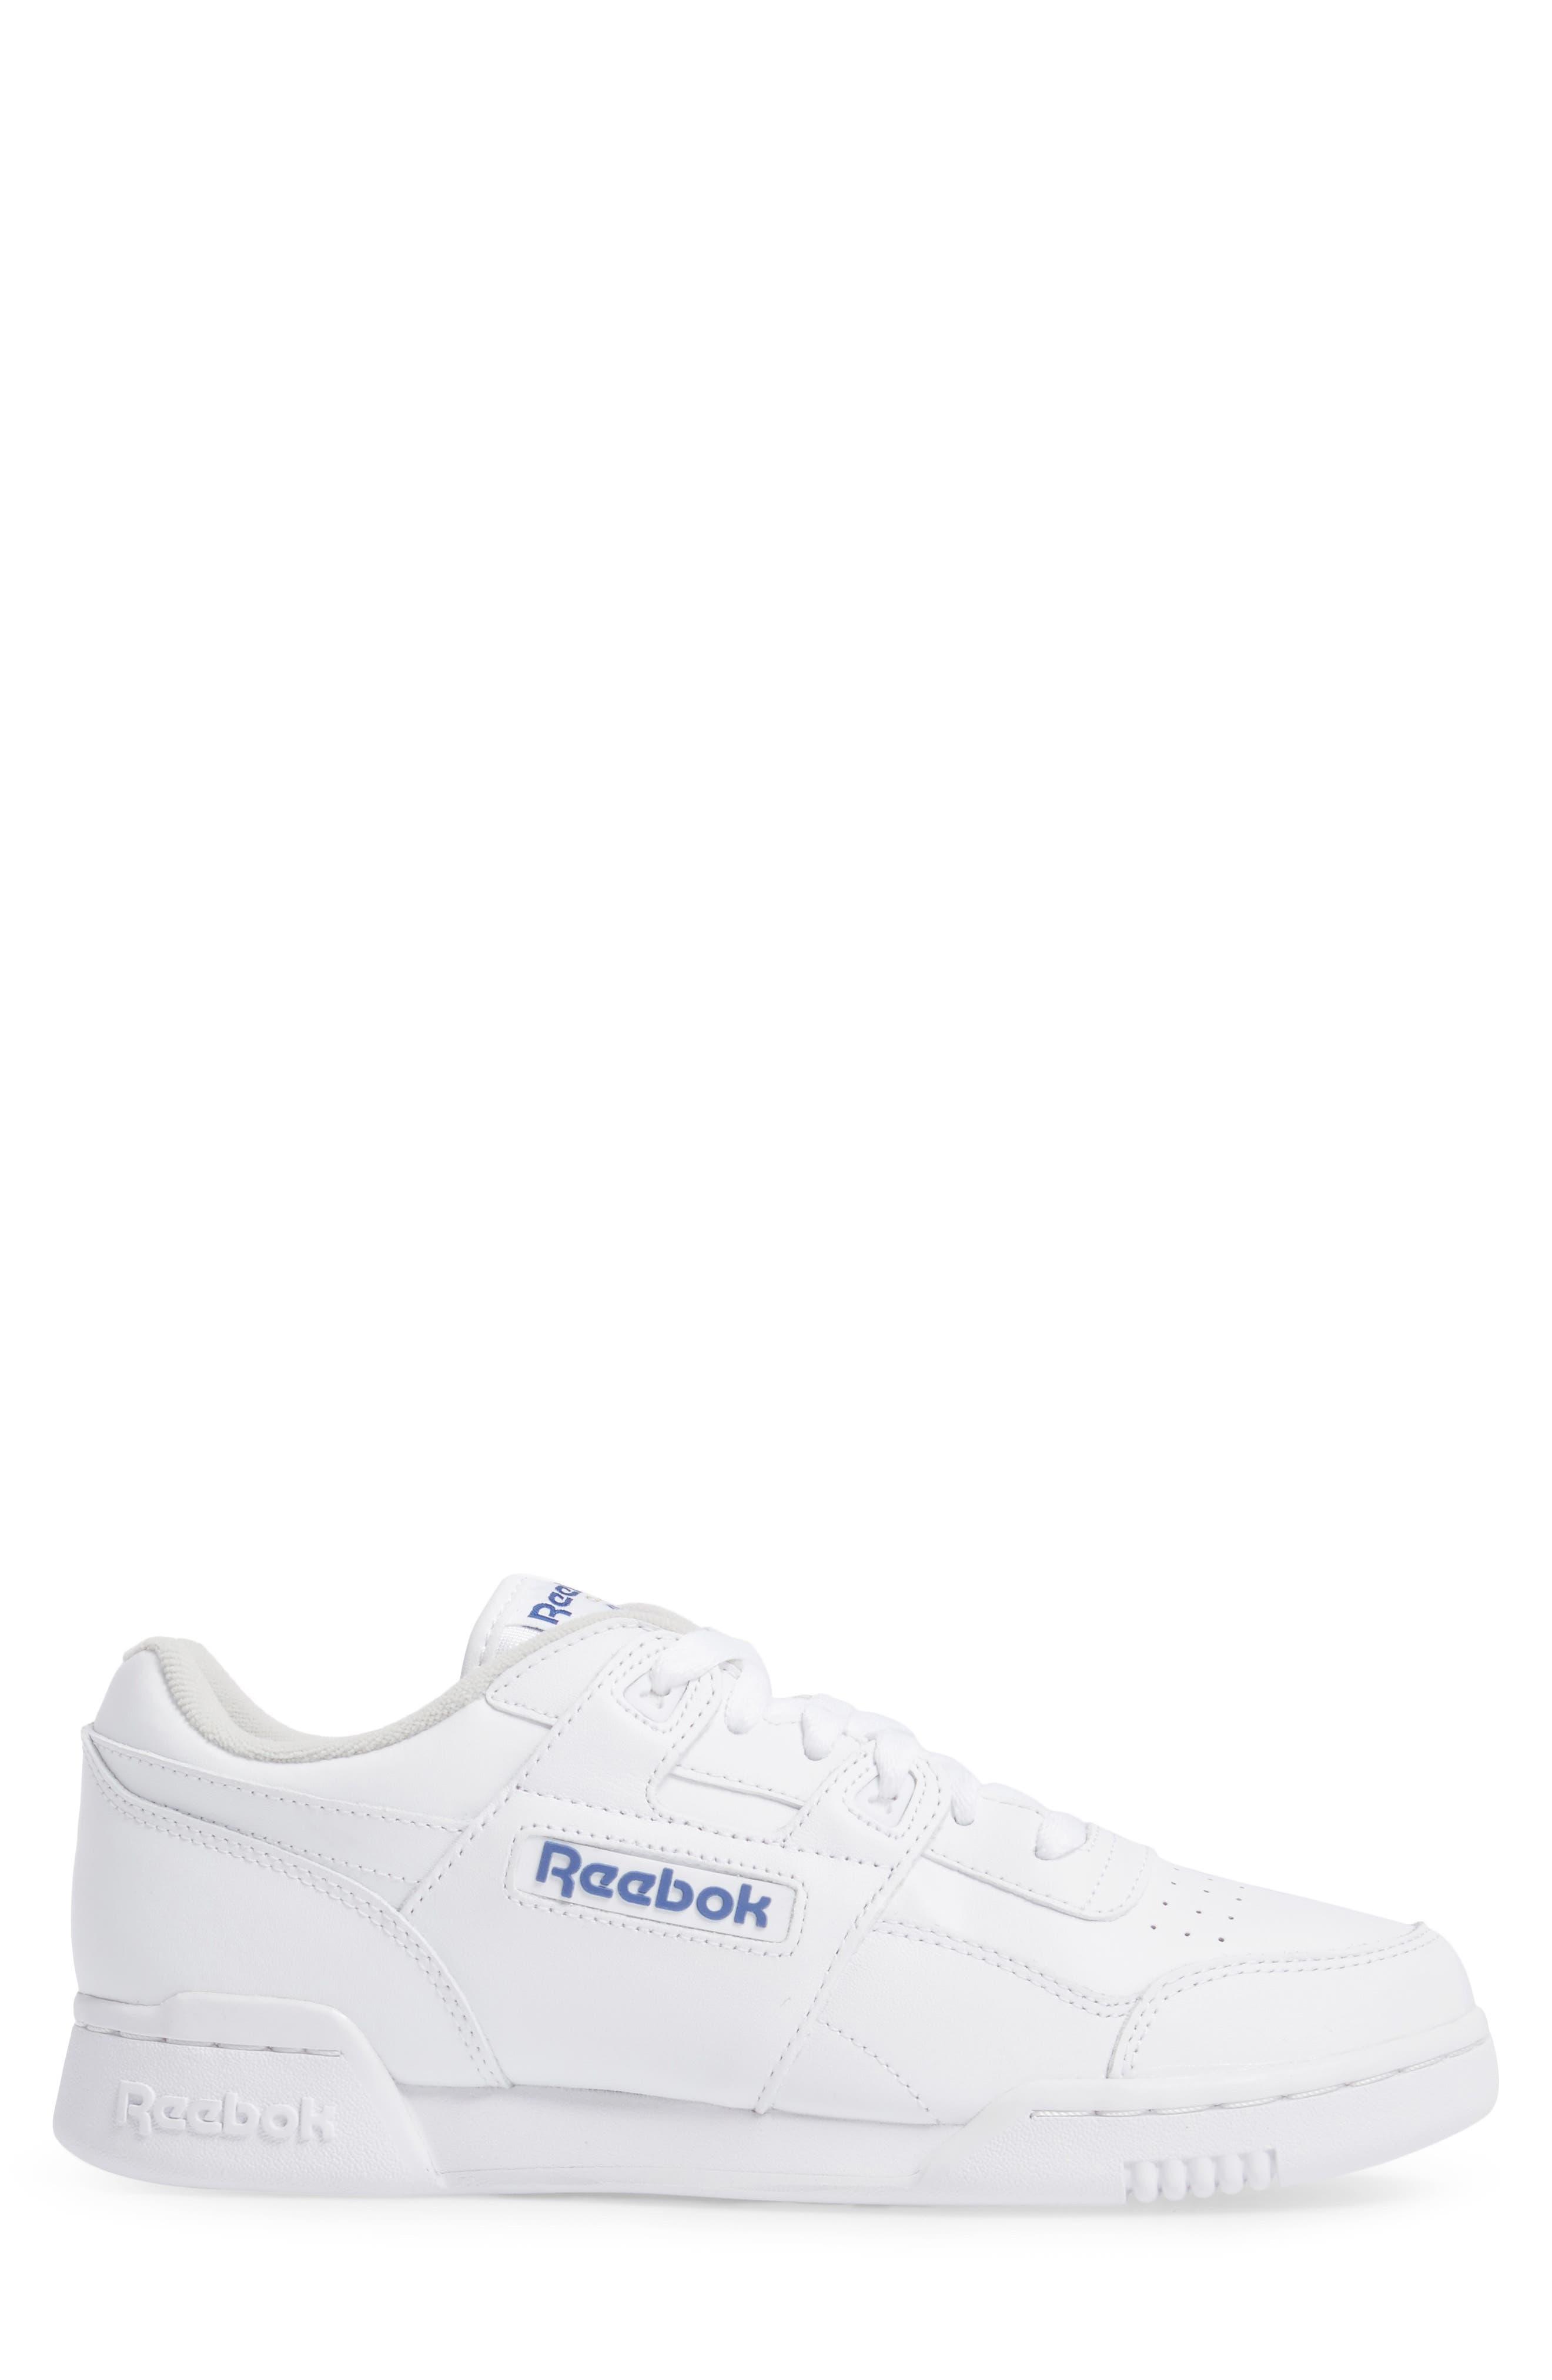 Workout Plus Sneaker,                             Alternate thumbnail 3, color,                             WHITE/ ROYAL